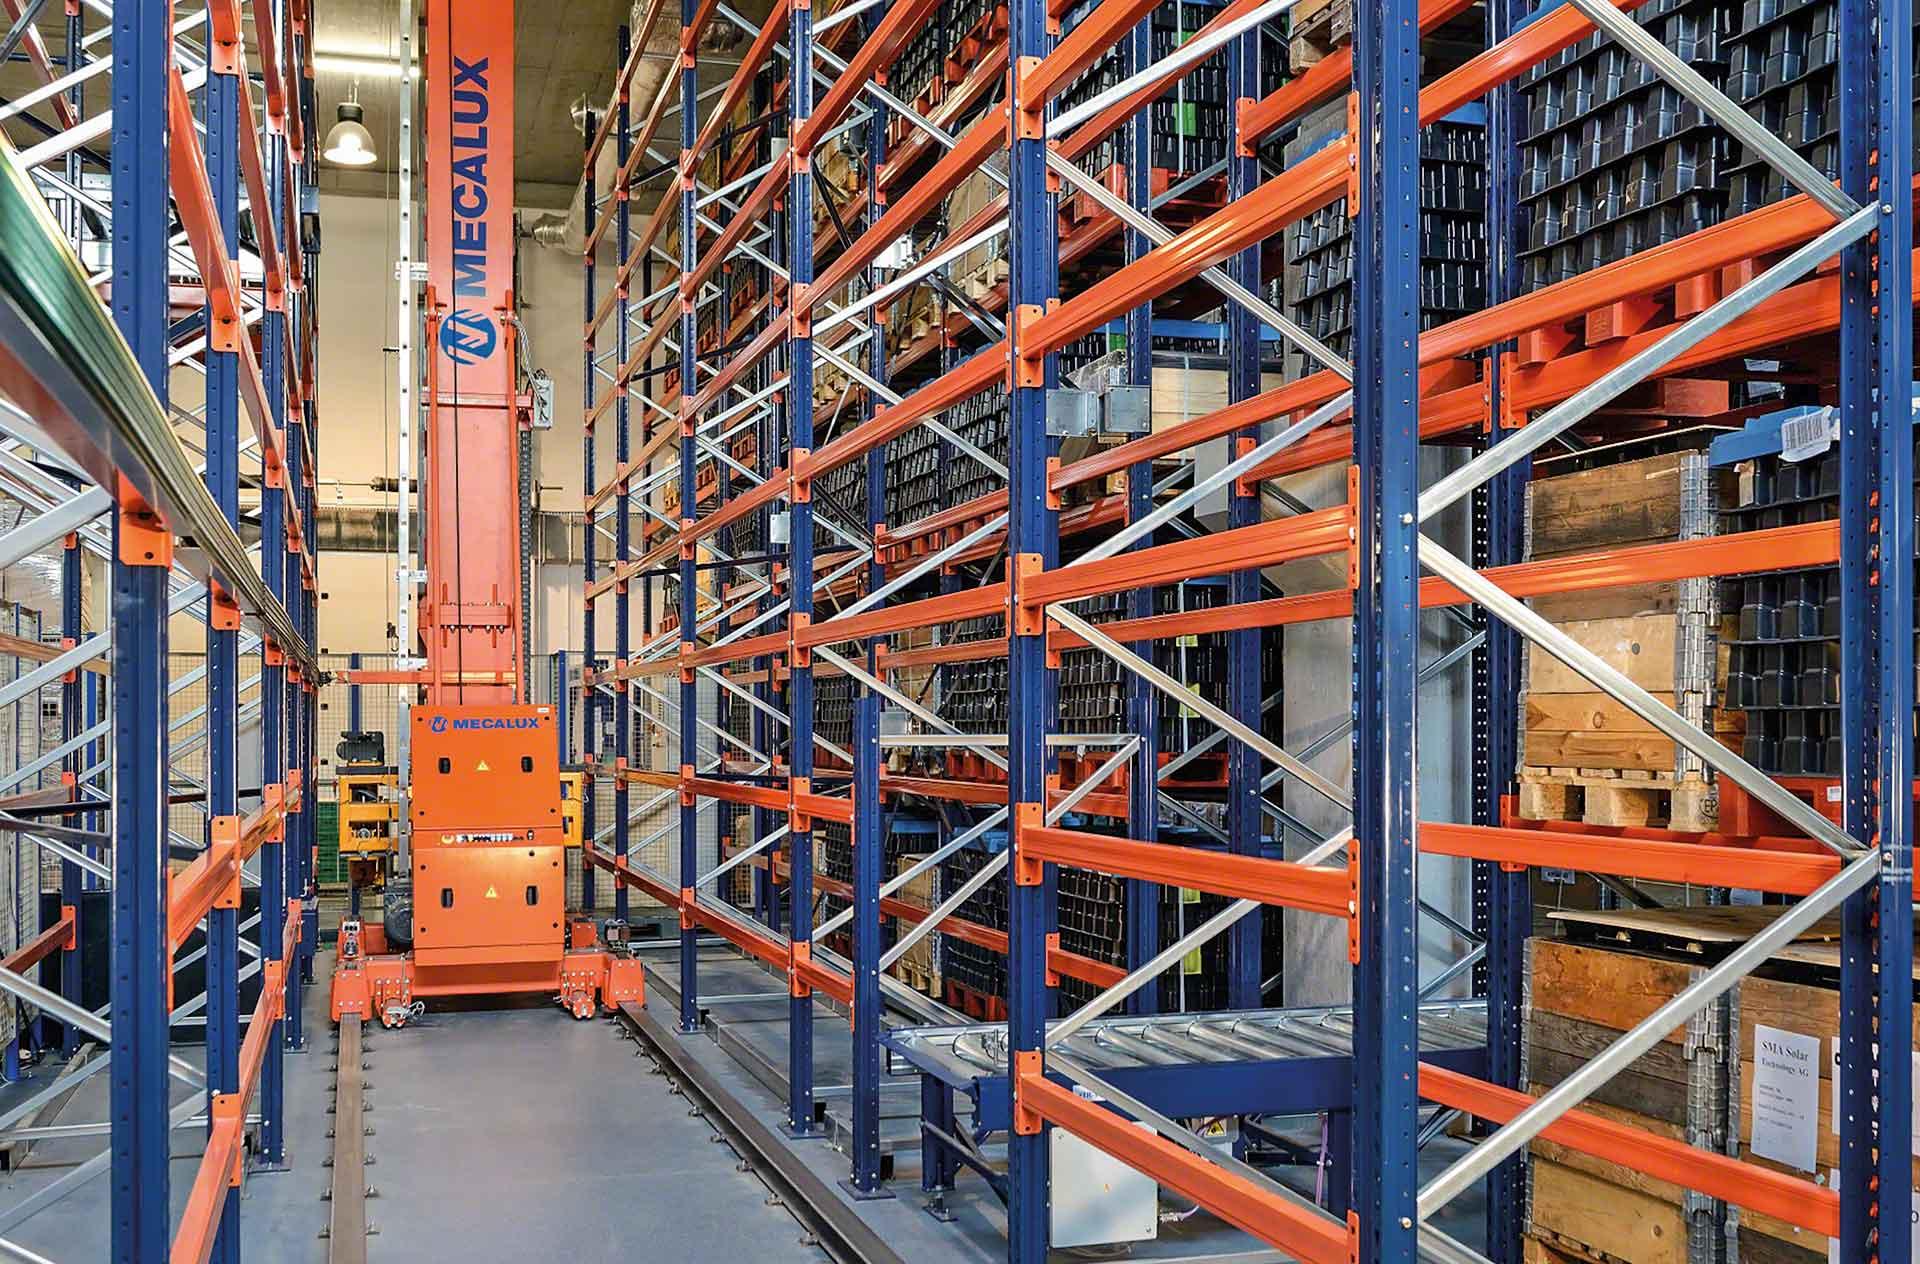 Automatik- und Lagersysteme müssen in die Wartungspläne zur vorbeugenden Instandhaltung aufgenommen werden.